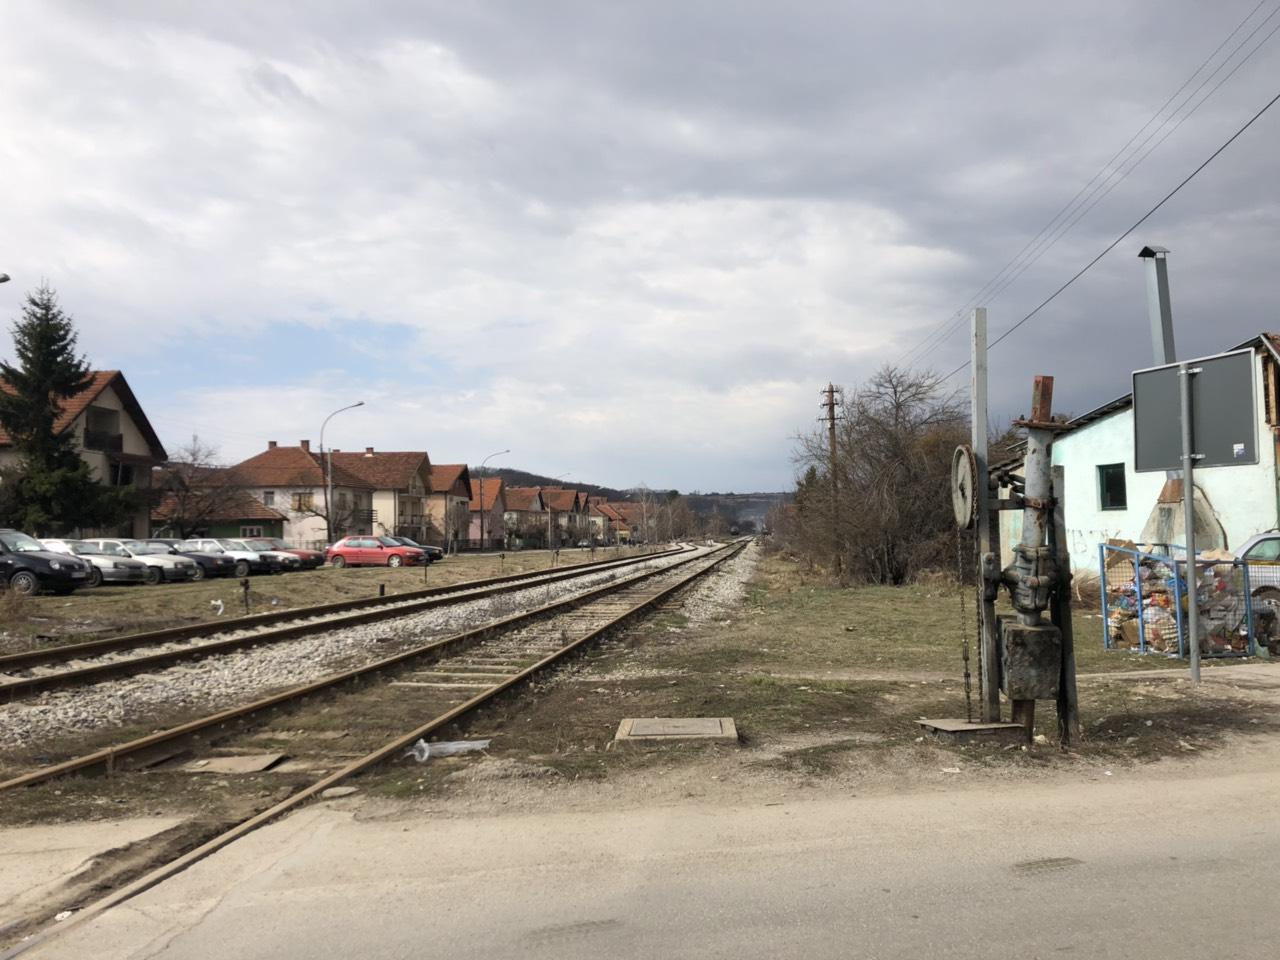 Rampa bez branika, foto: M. Miladinović, portal ,,Svrljiške novine''